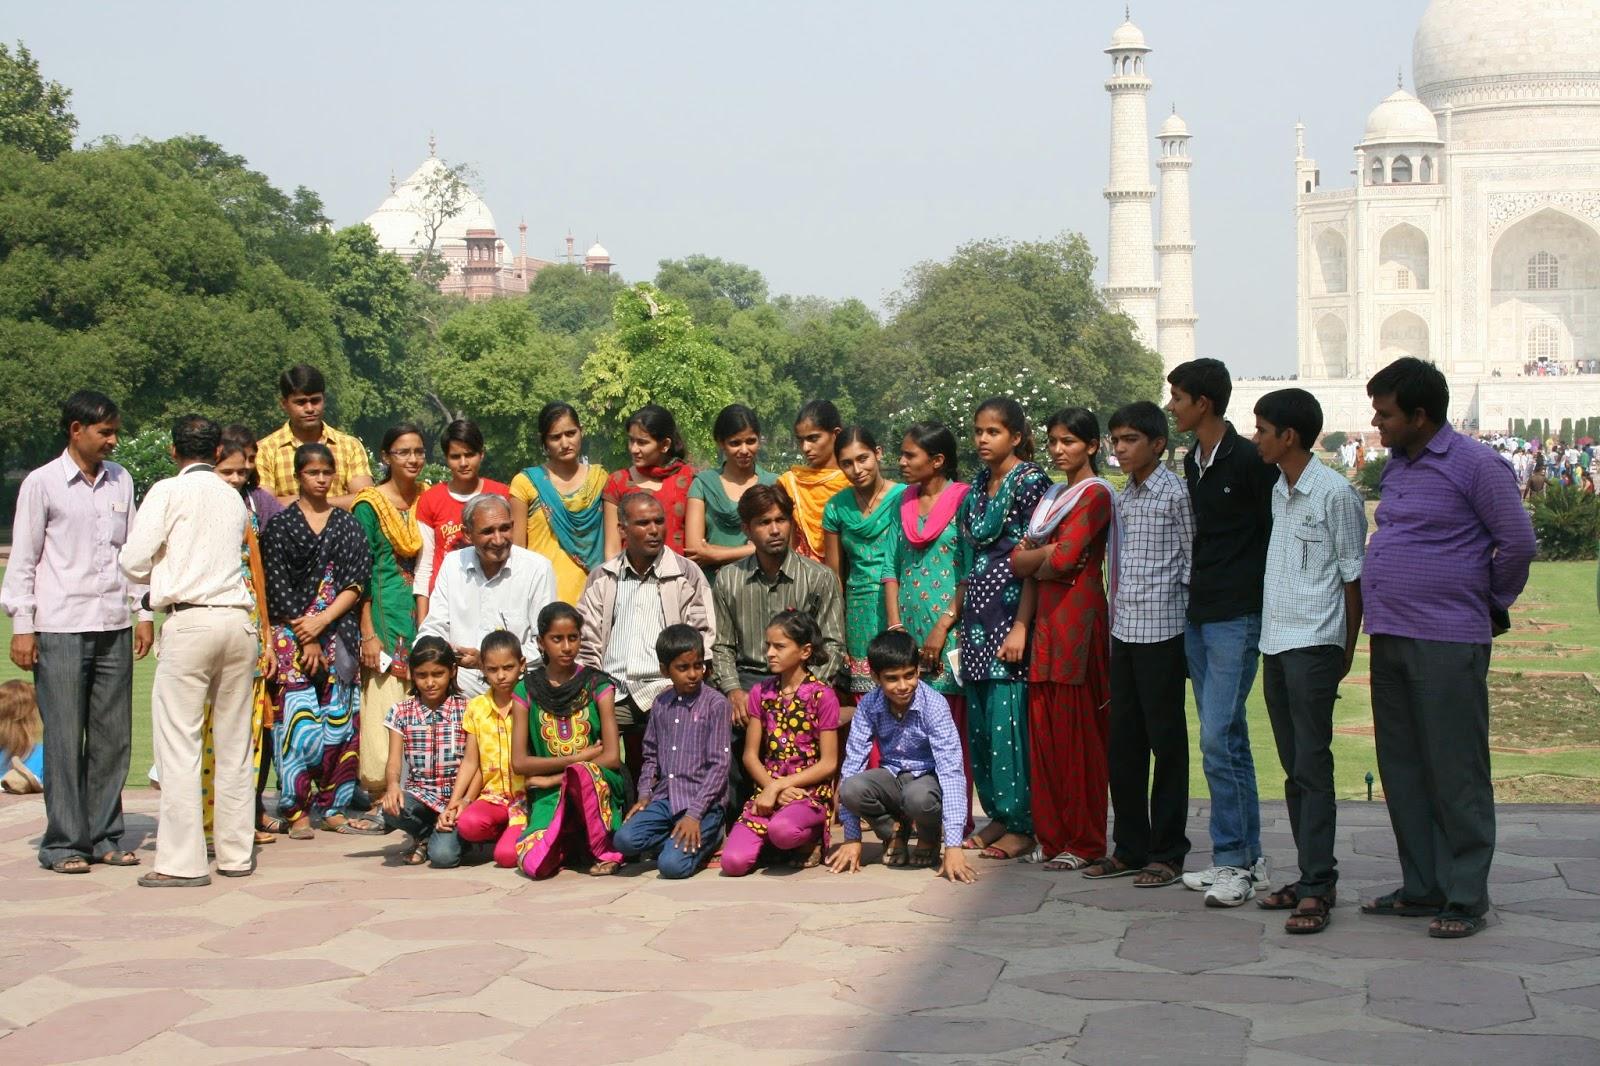 Viaje a India: Taj Mahal en Agra, familia